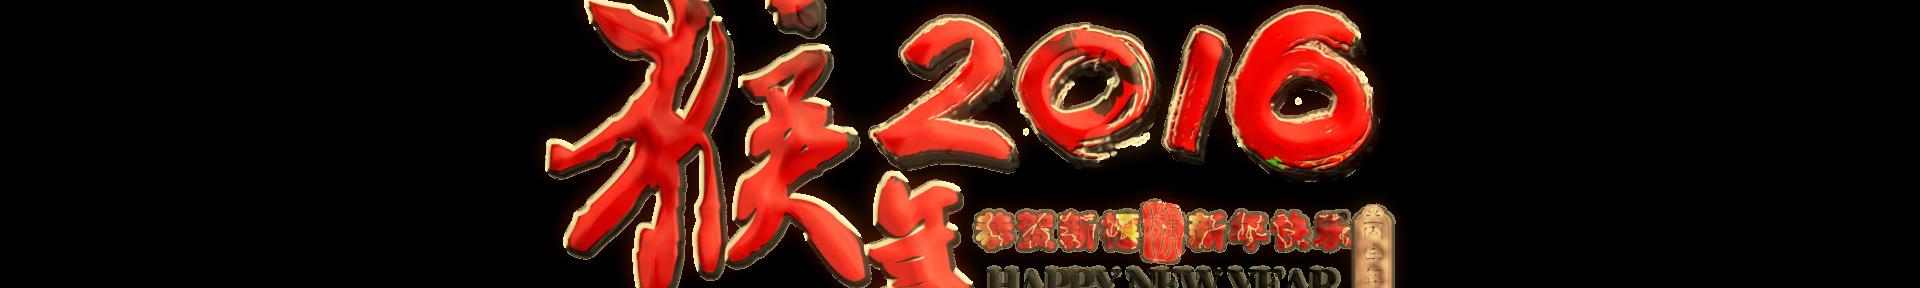 用户_812837 banner